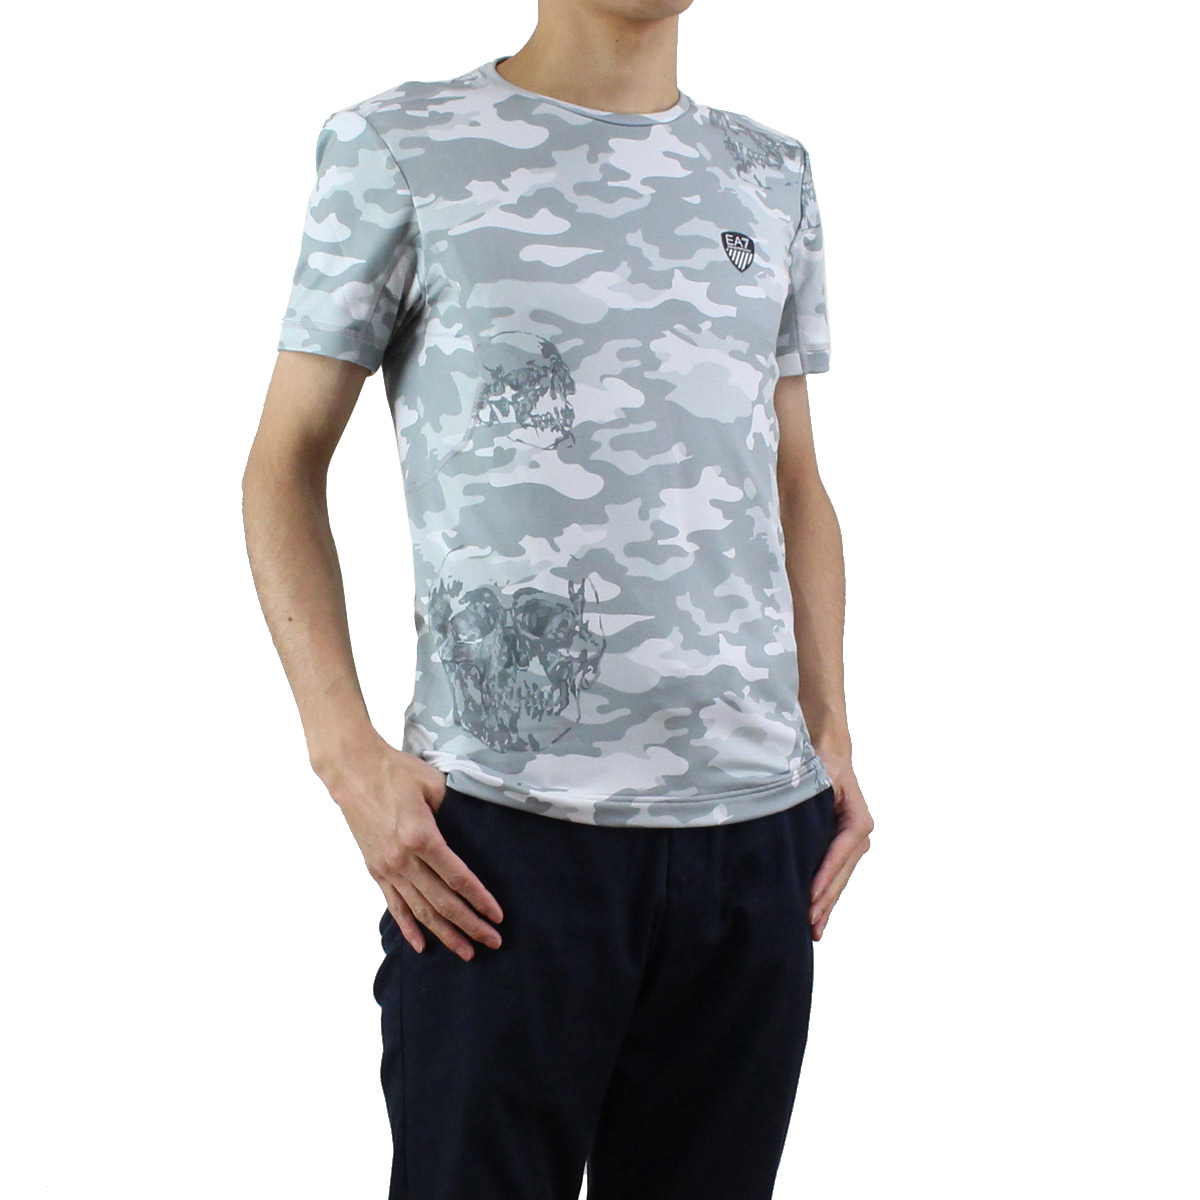 大幅値下げ!販売価格11,800円→7,700円 イーエーセブン EA7 メンズ グレーカモフラ クルーネック Tシャツ 6YPT71 PJF8Z 2924 GREY CAMOU マルチカラー メンズ